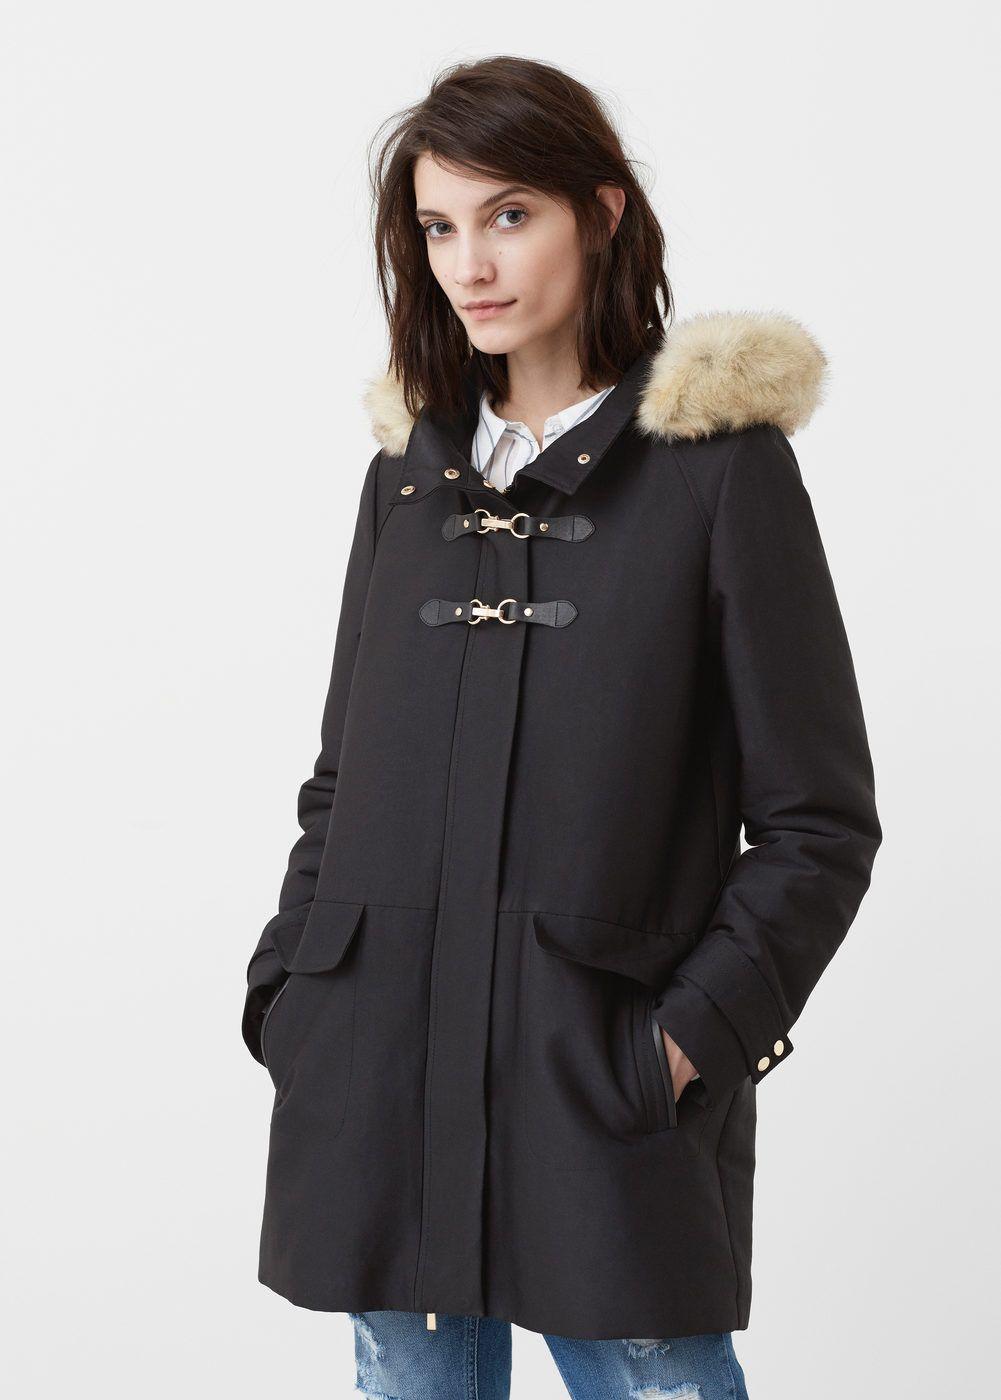 disfruta del precio de descuento reunirse productos de calidad Parka acolchada capucha - Mujer | Cosas para ponerme ...